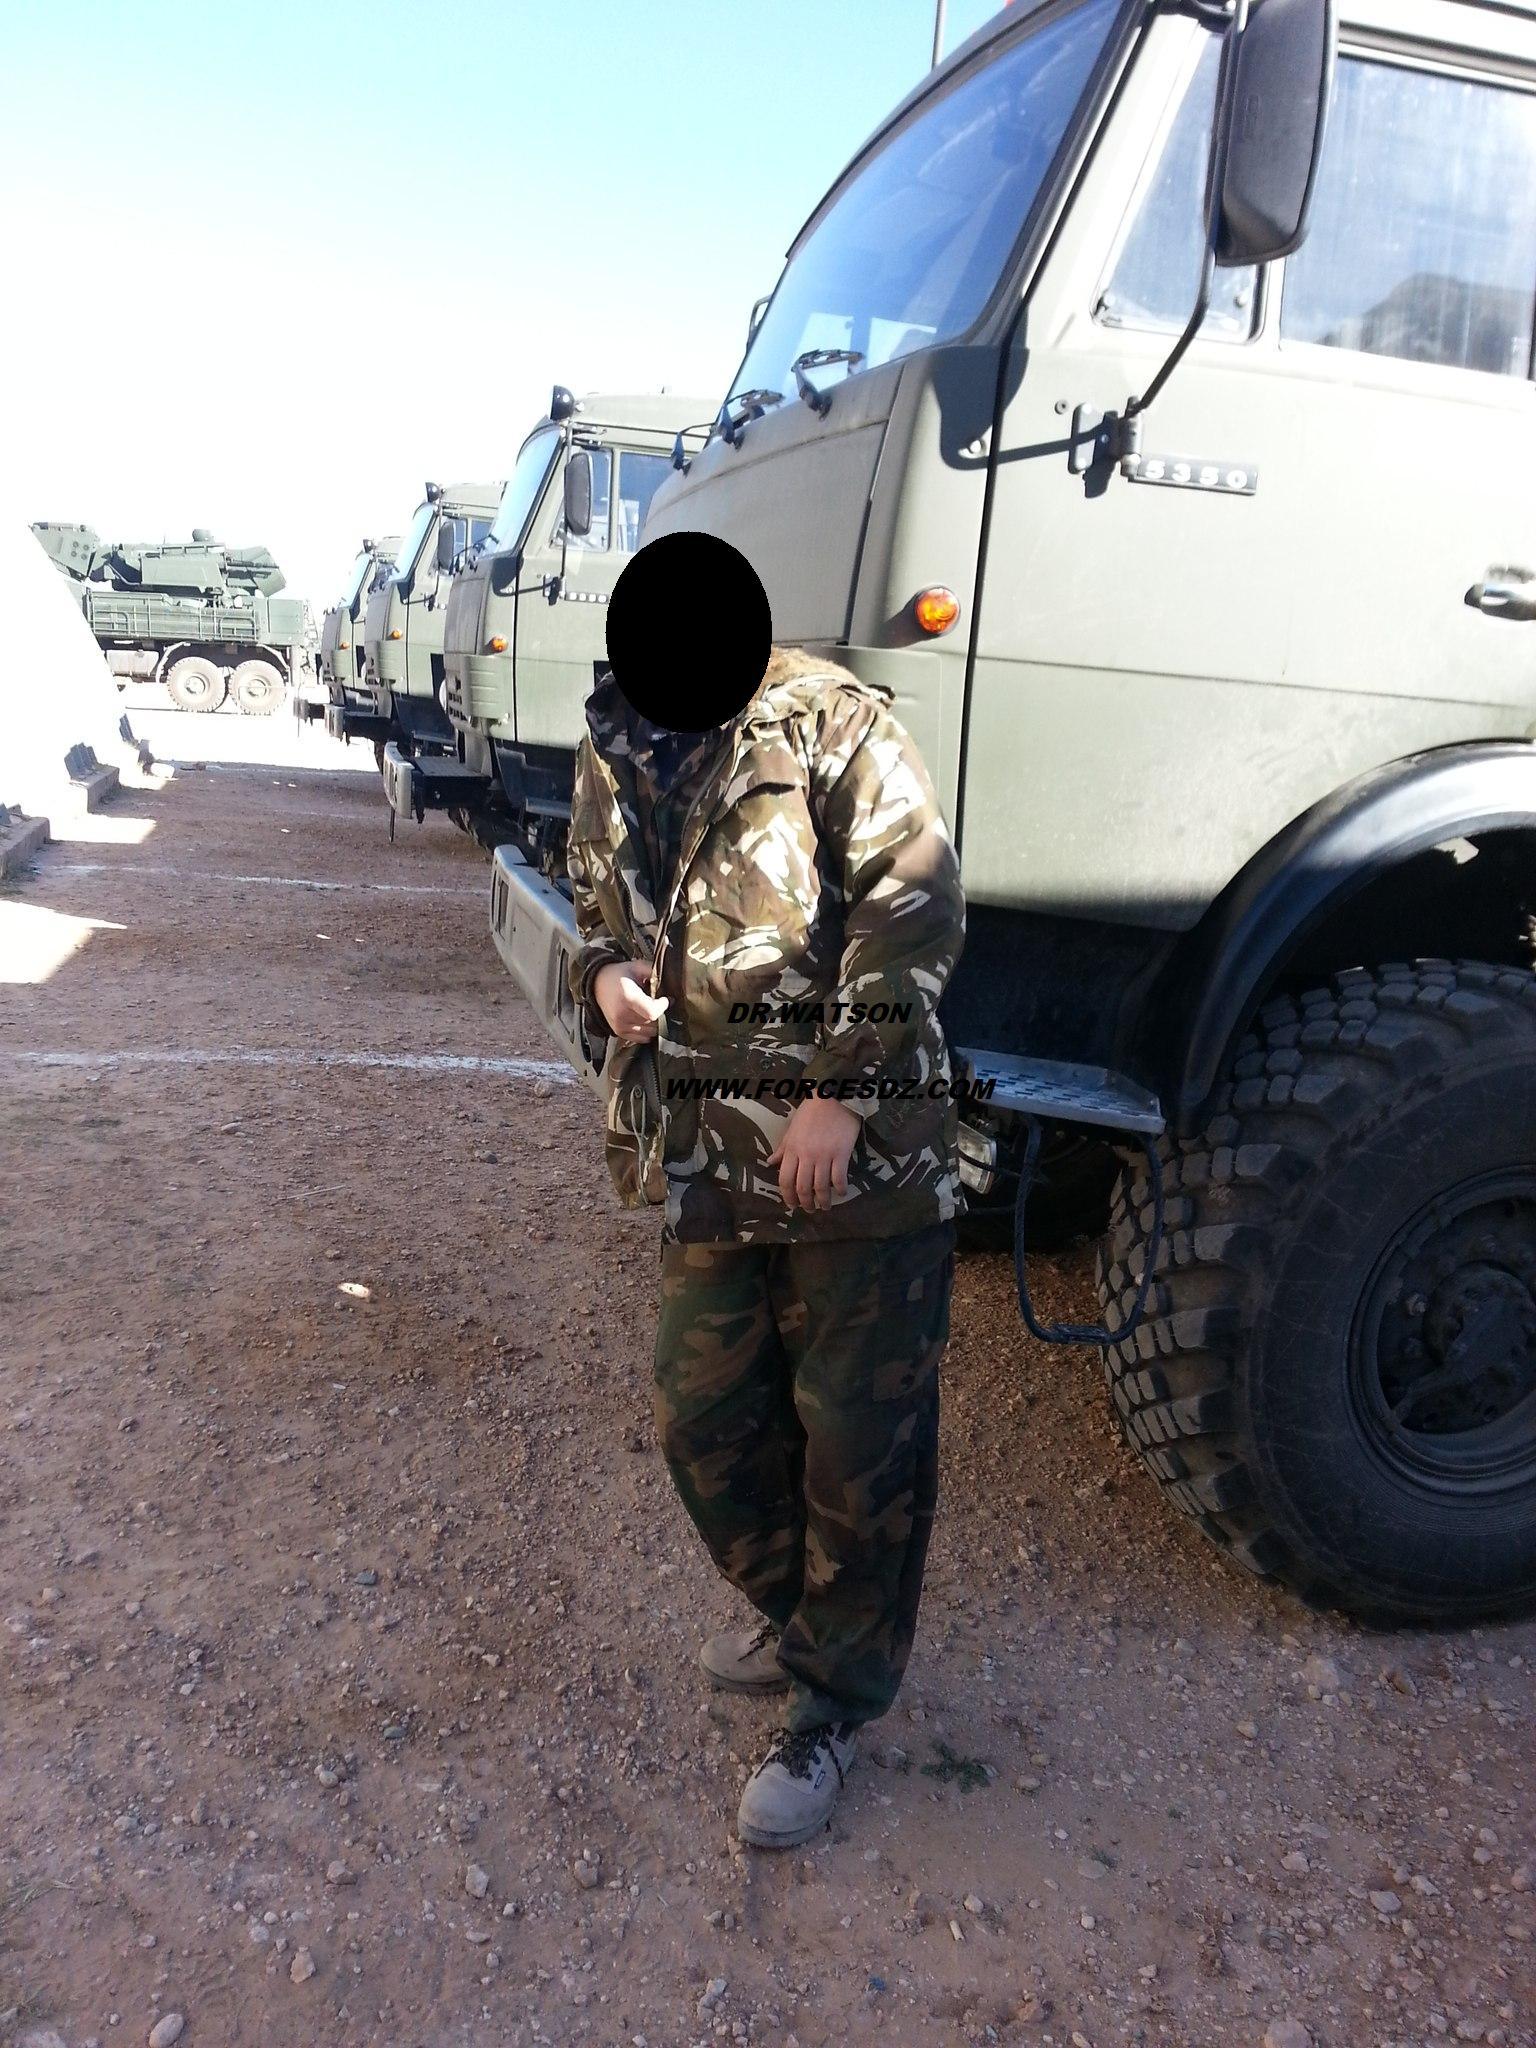 القوات البرية الجزائرية [ Pantsyr-S1 / SA-22 Greyhound ]   34024367452_a880bf225c_o